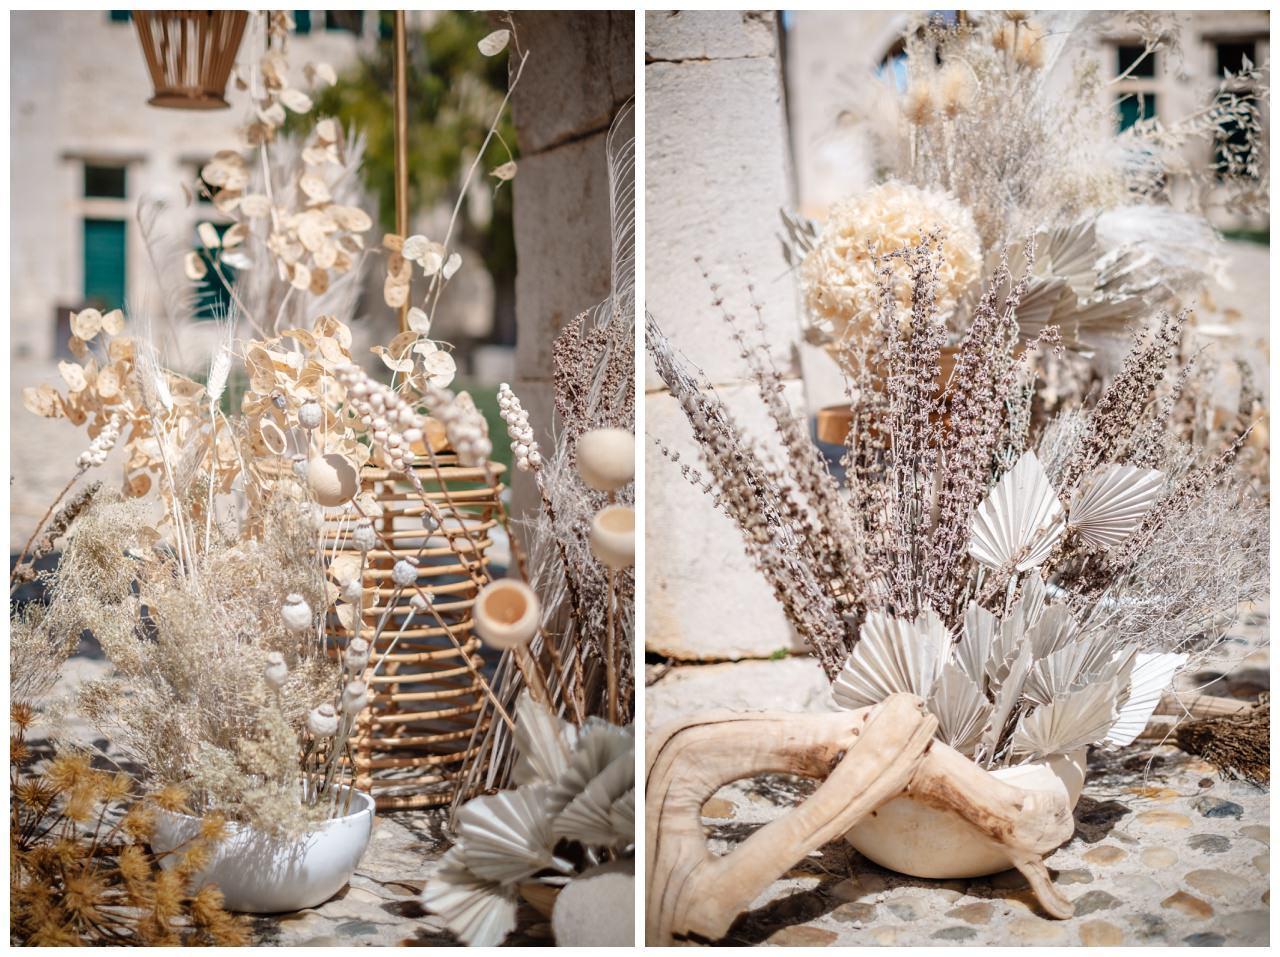 Hochzeit Kroatien Planung Hochzeitsplaner Trockenblumen Fotograf 6 - Natürliche Hochzeit mit Trockenblumen